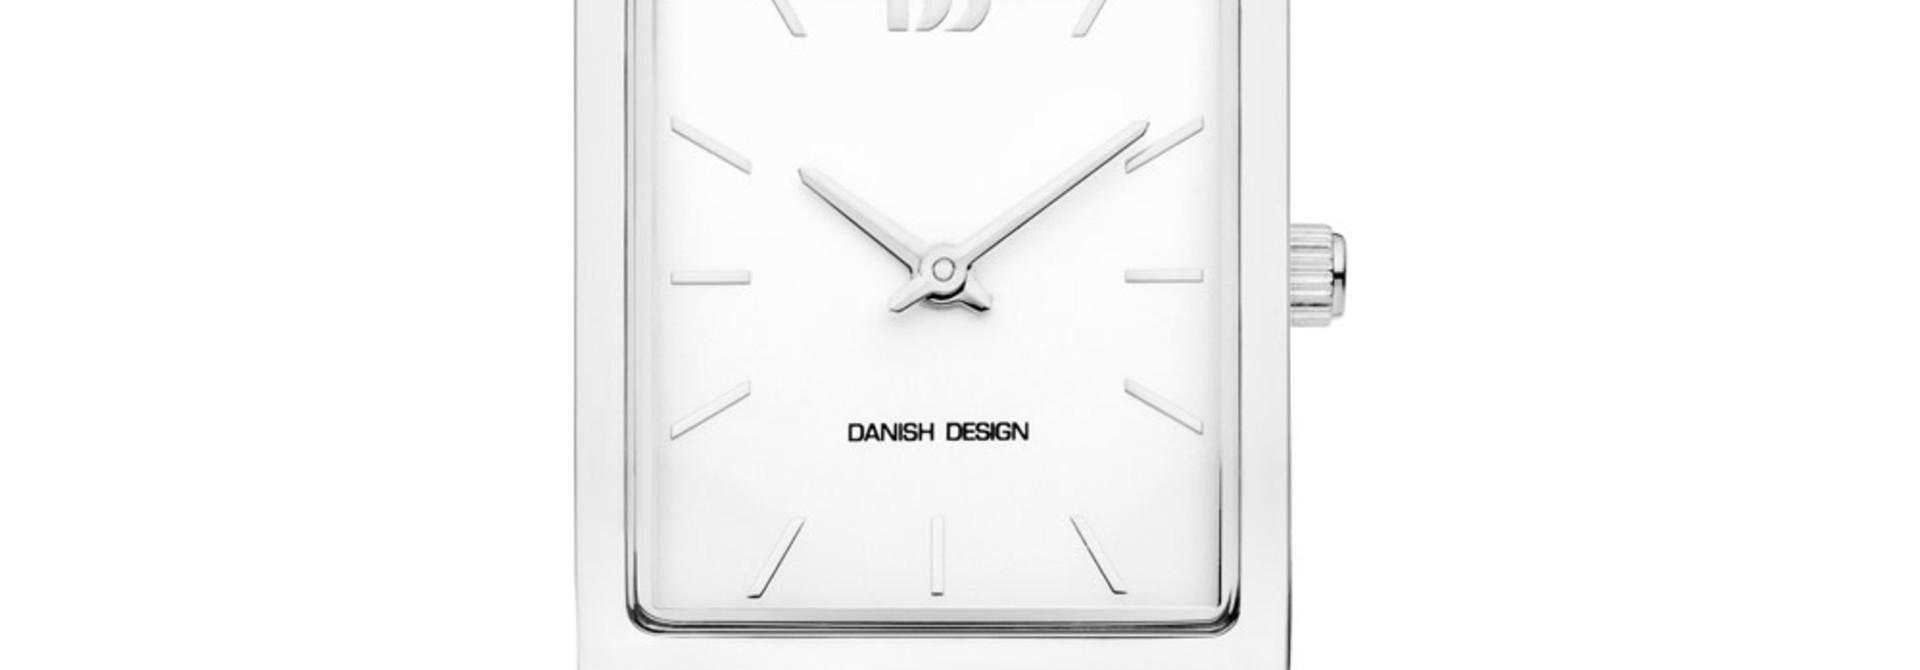 Danish Design Miami Stretch Iv12Q1255